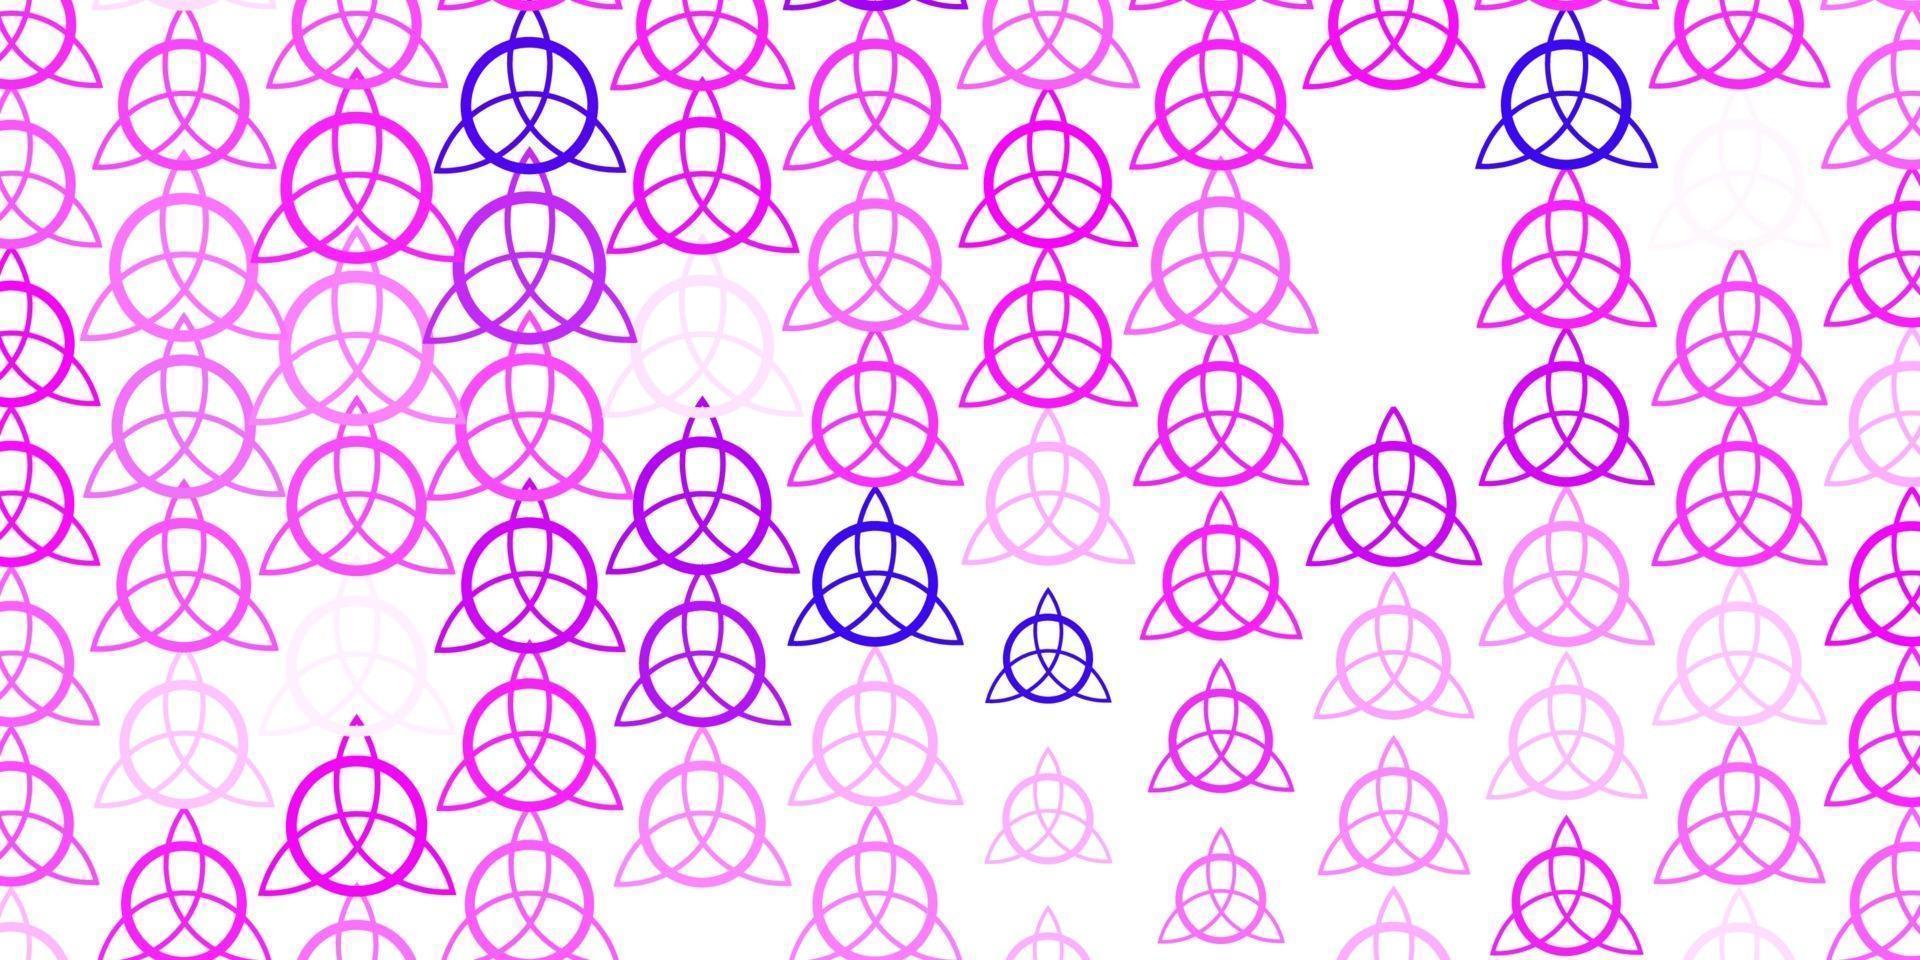 modello vettoriale viola chiaro, rosa con segni esoterici.